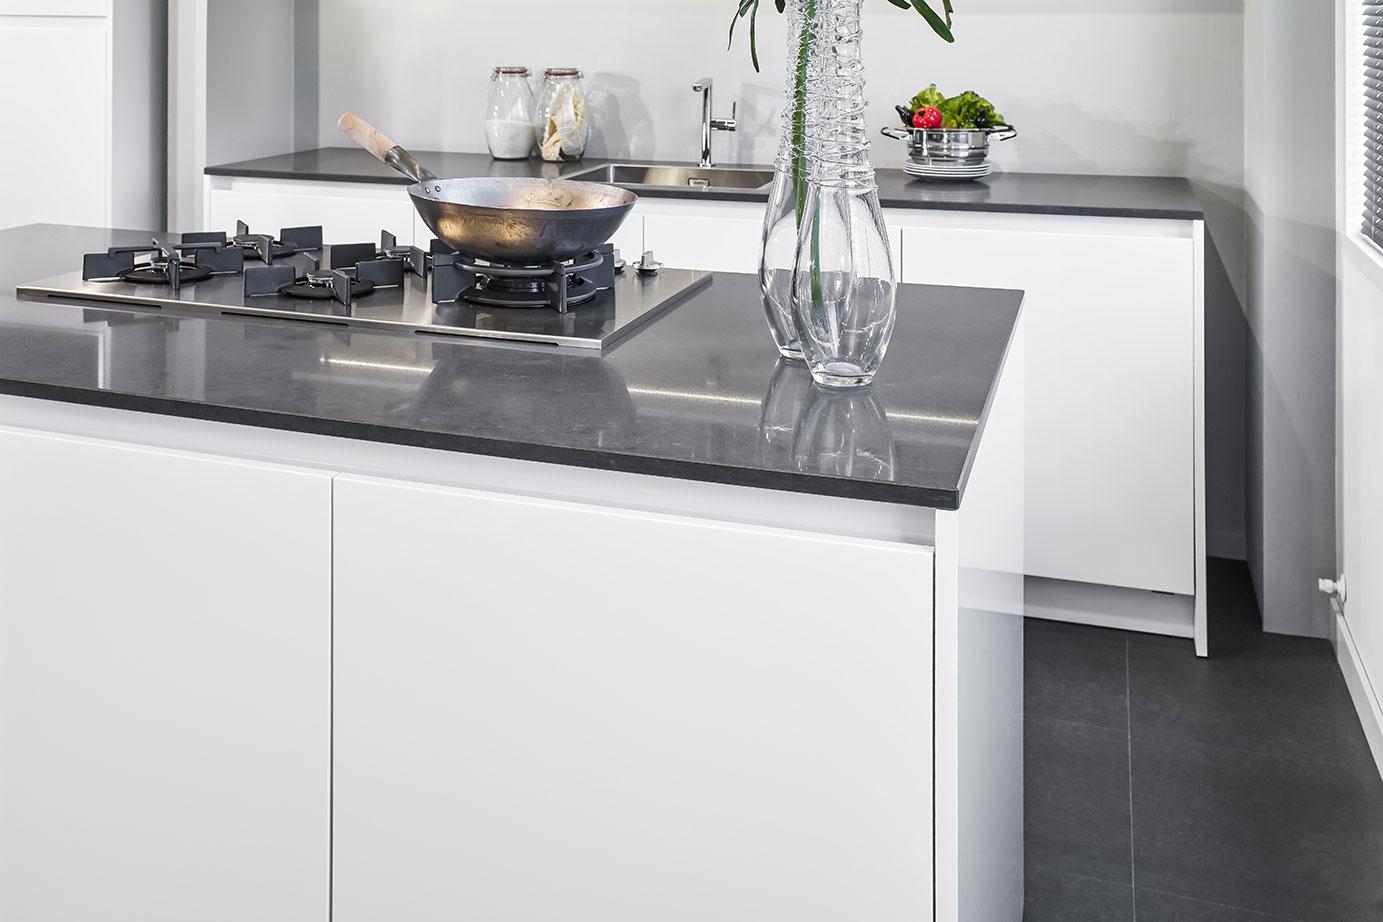 Hoogglans Witte Keuken : Hoogglans keuken bekijk voorbeelden ook in wit db keukens